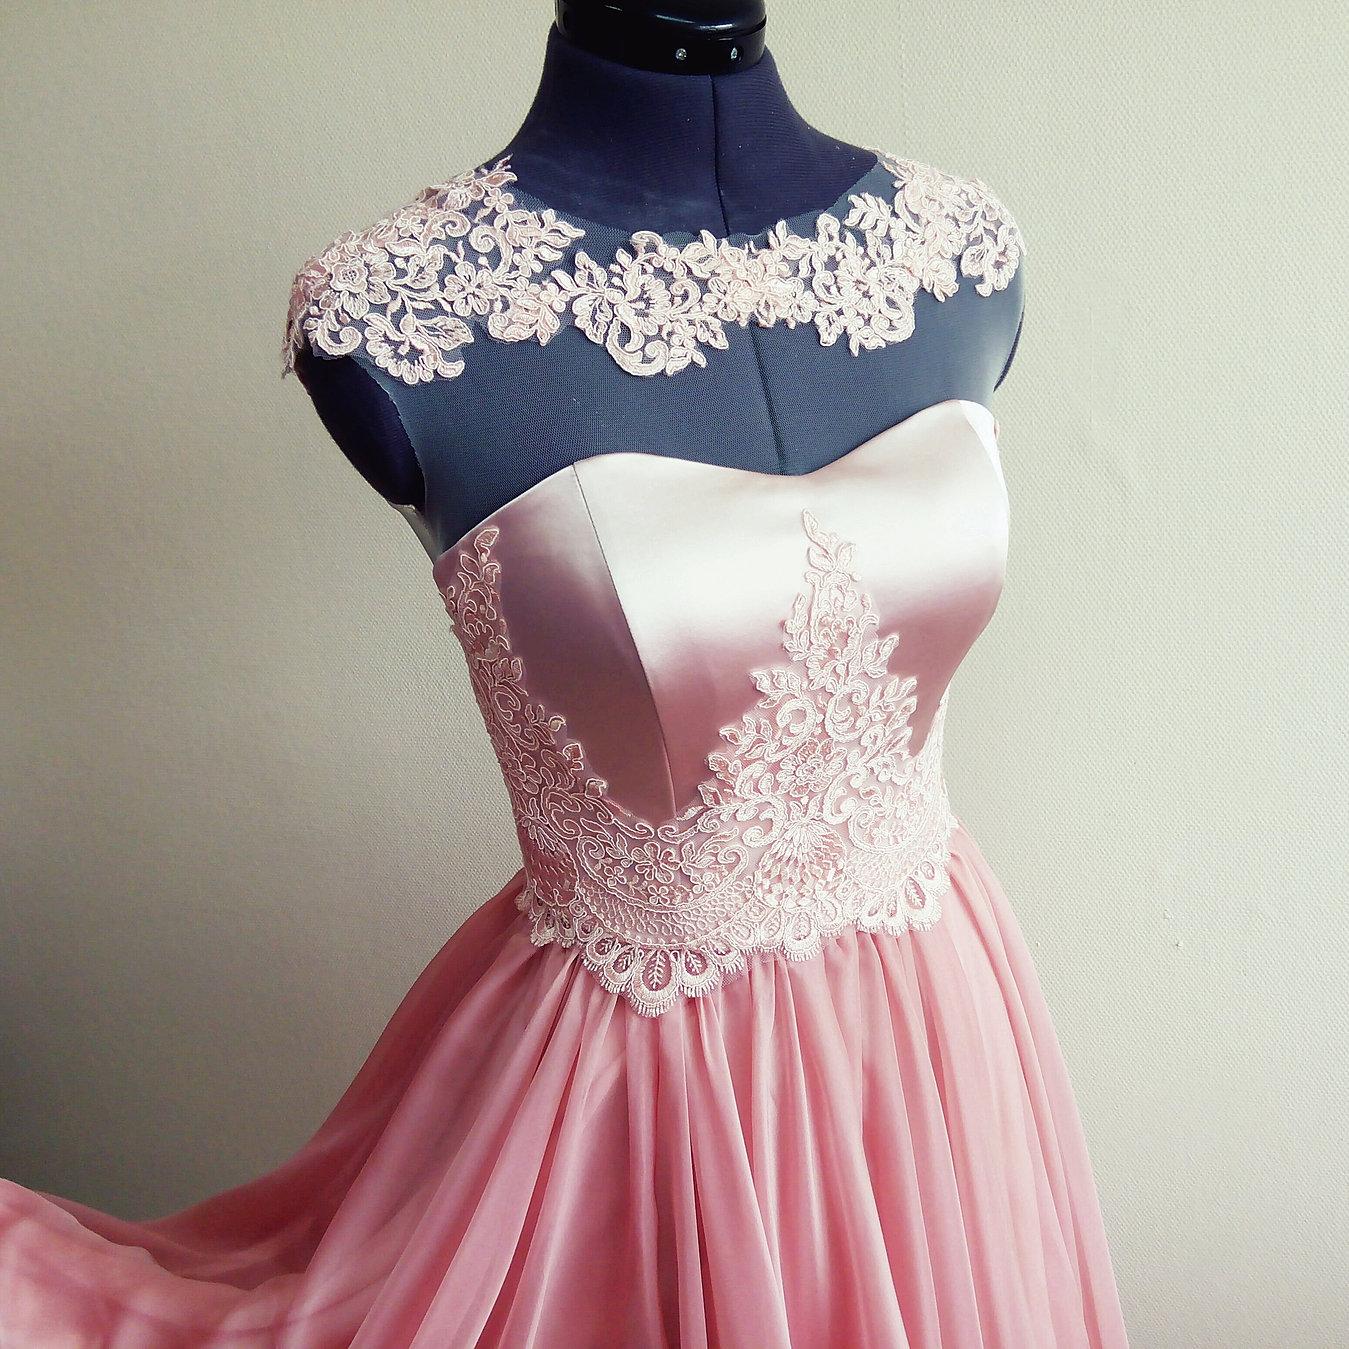 В ателье сшили 26 платьев, костюмов на 4 больше, чем платьев 87